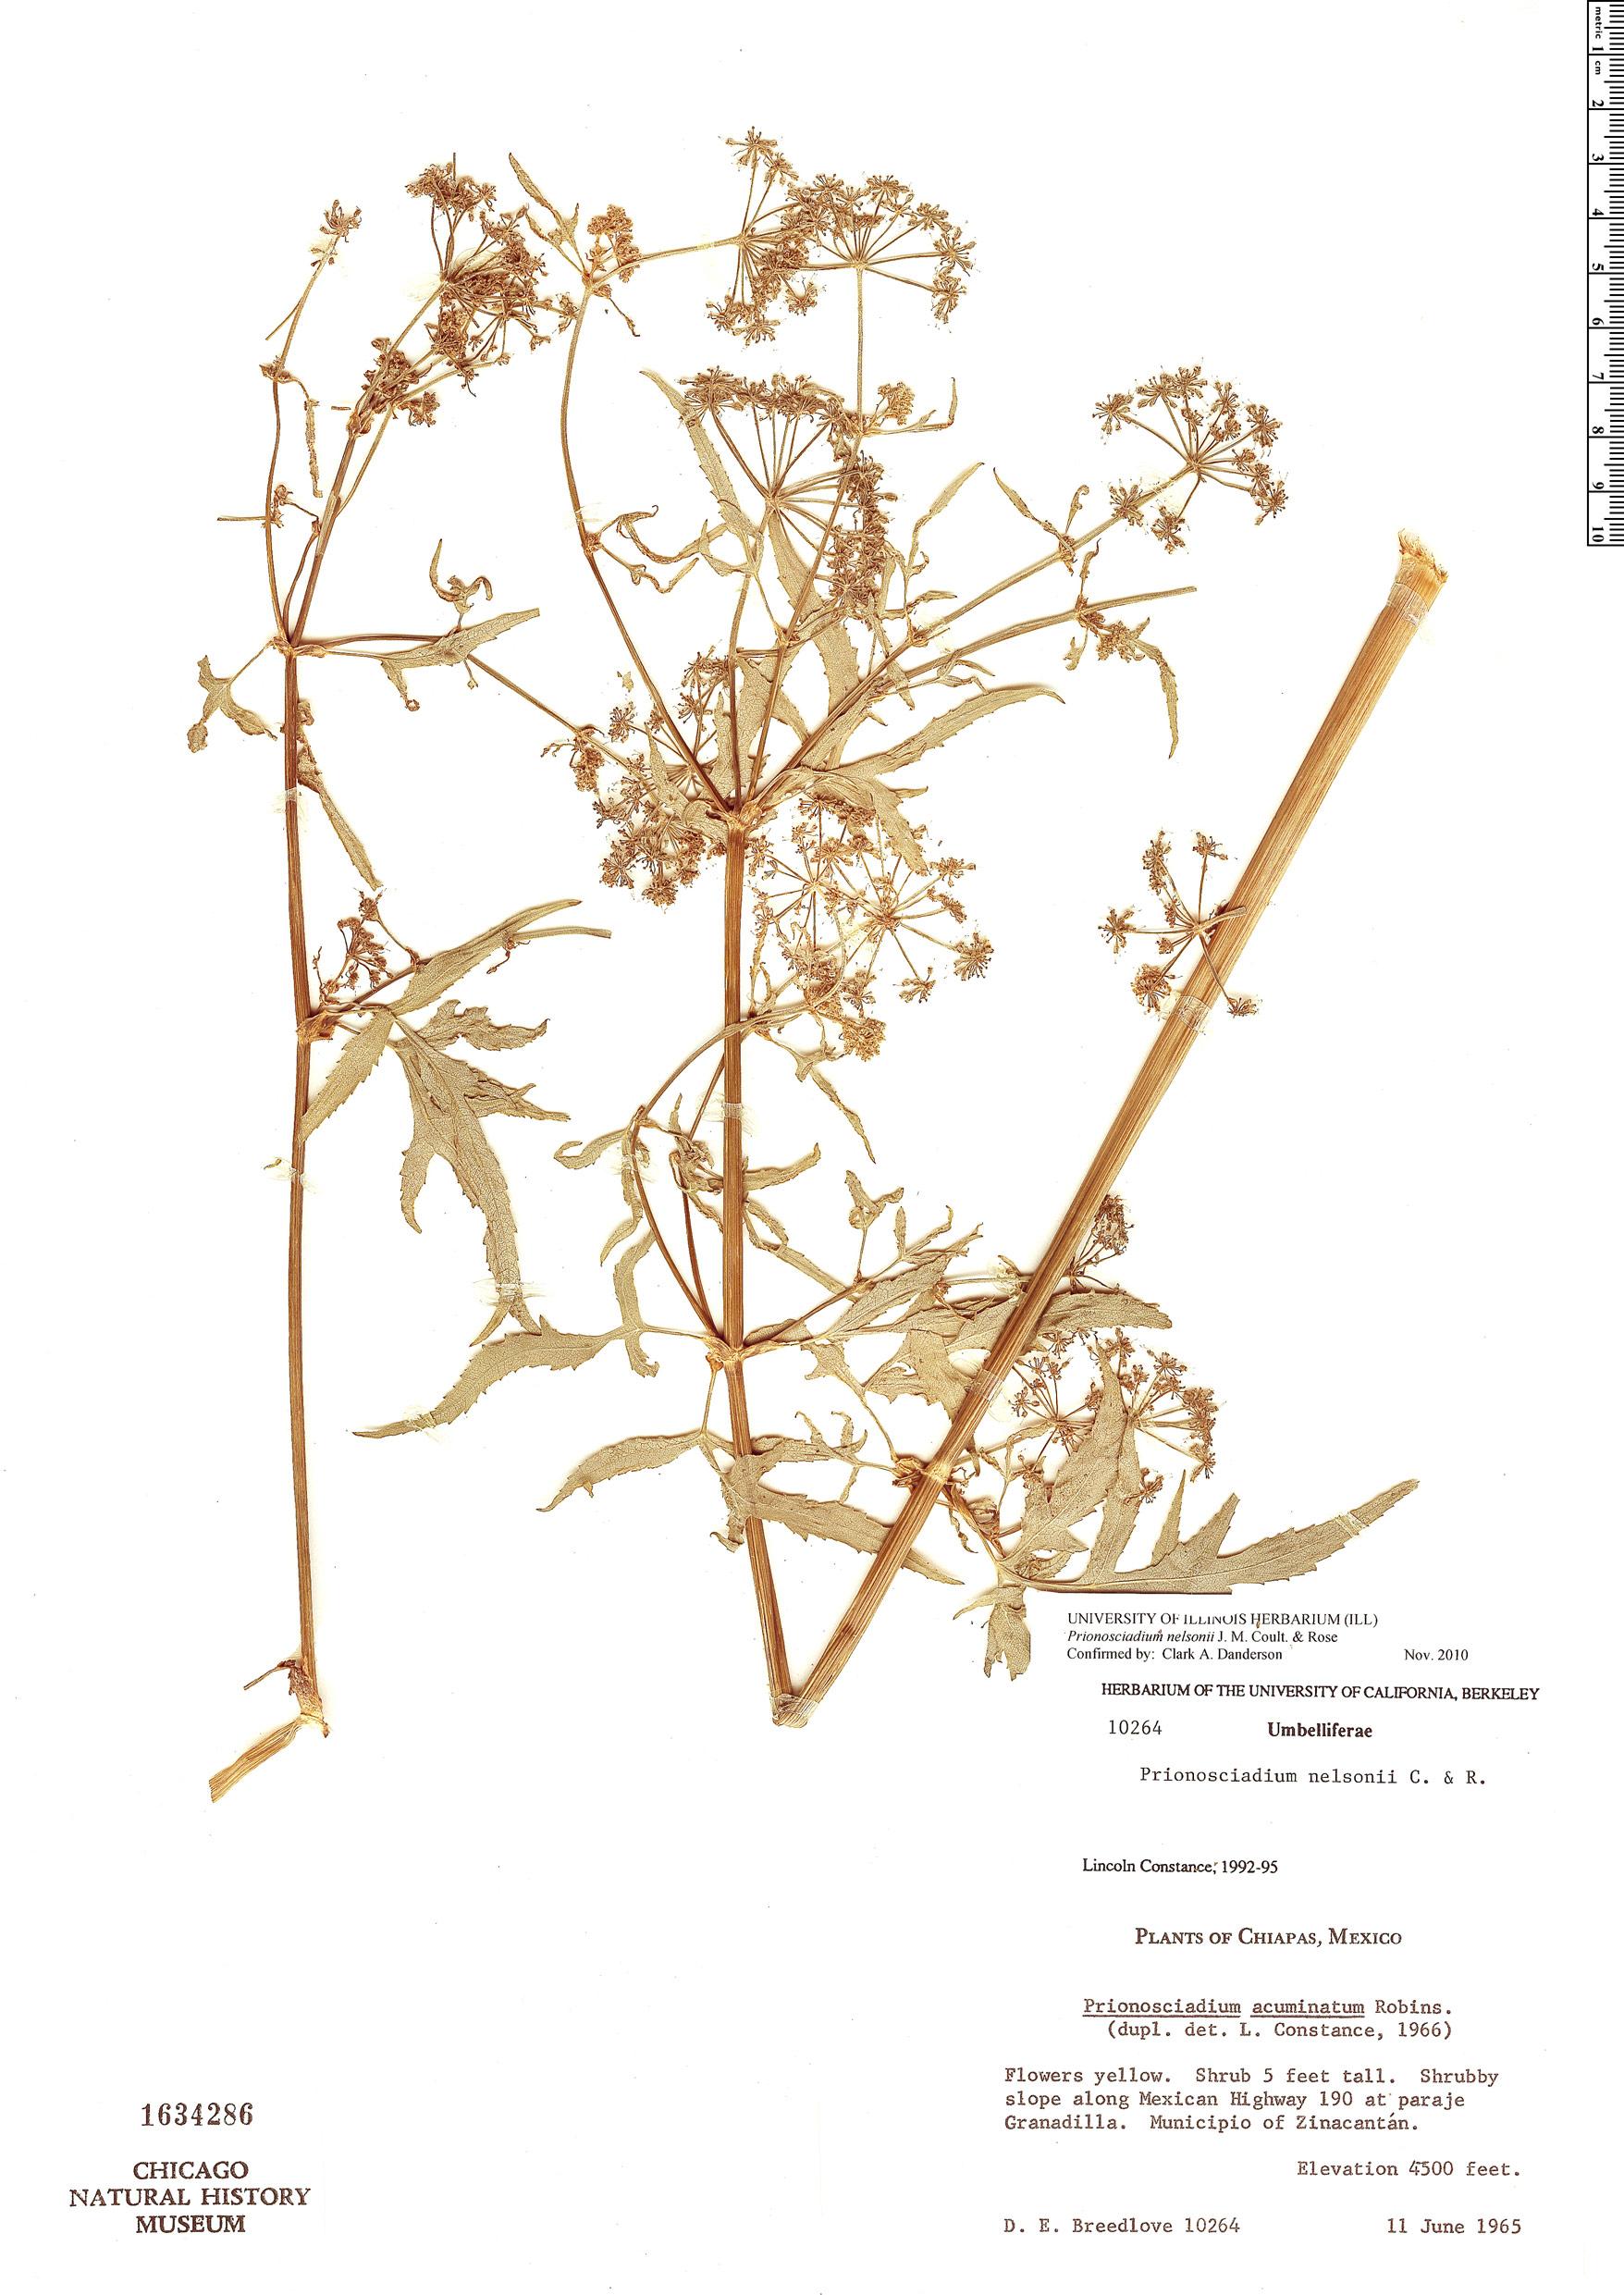 Specimen: Prionosciadium nelsonii